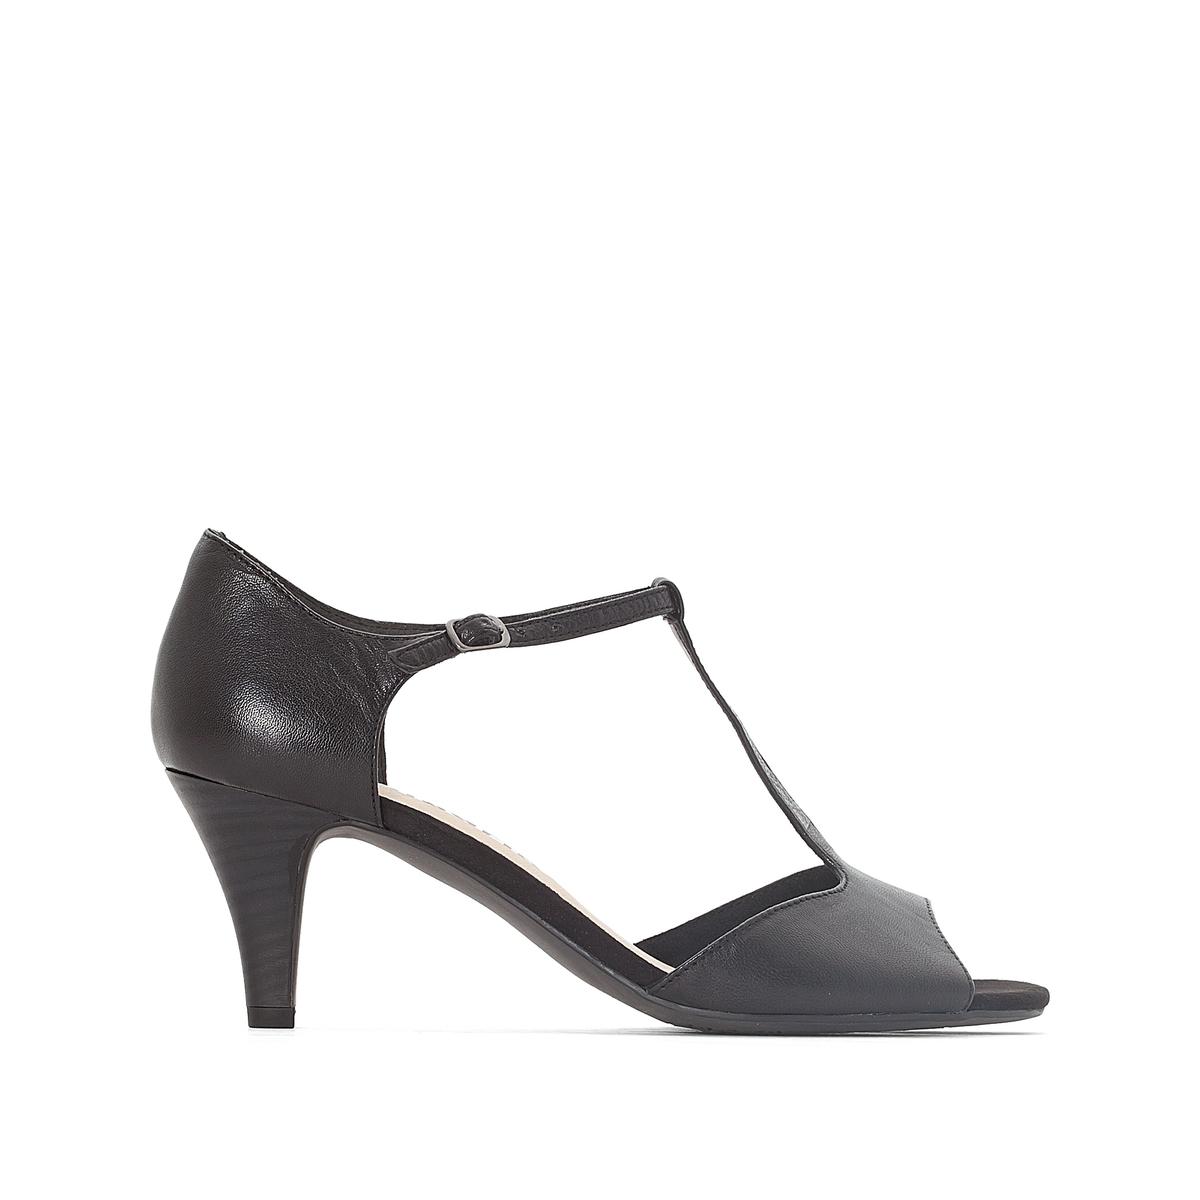 Босоножки из козьей кожи на каблукеЭти элегантные кожаные босоножки от Tamaris сделают вашу походку женственной и порадуют вас во время любых летних прогулок!<br><br>Цвет: черный<br>Размер: 38